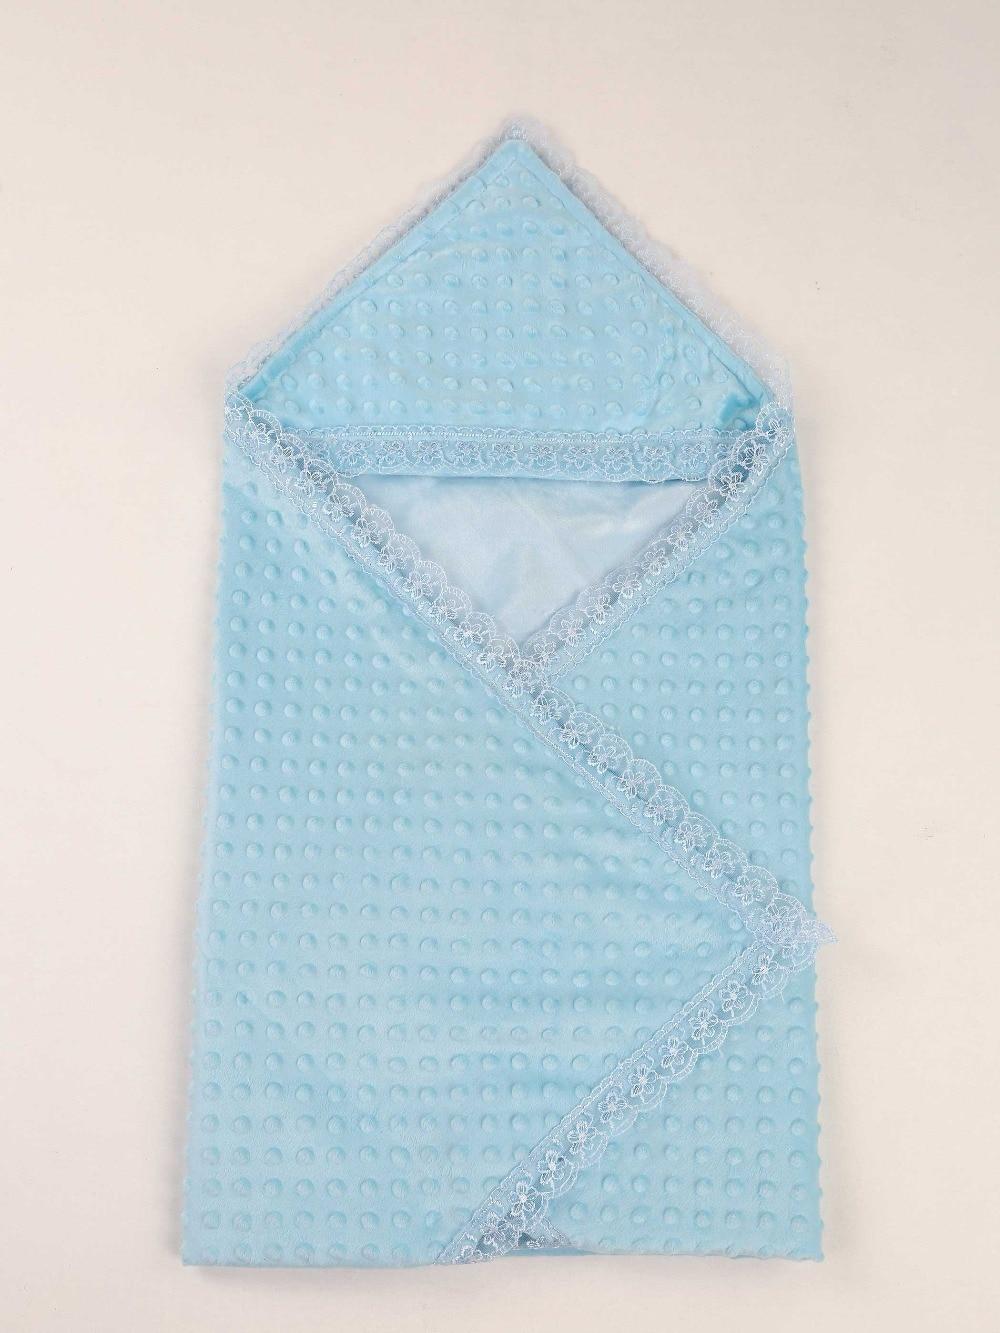 078-1001-015 Mavi 85X85 cm Erkek Bebek Kundak Battaniye (1)